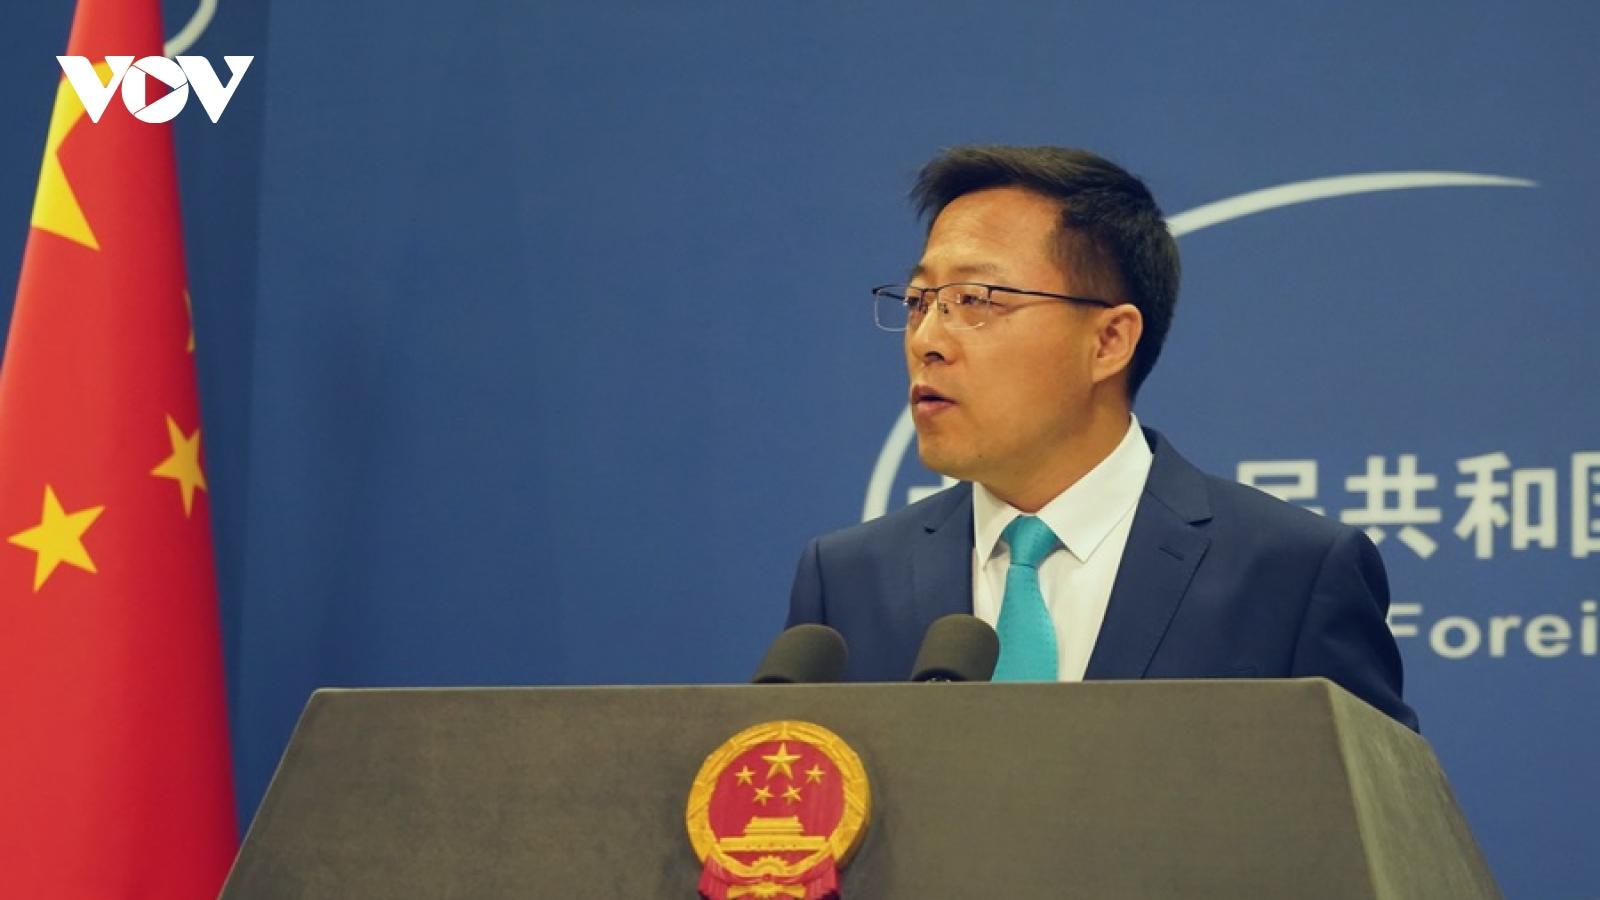 """Trung Quốc dọa """"chọc mù mắt"""" Liên minh tình báo Ngũ Nhãn do chỉ trích về Hong Kong"""